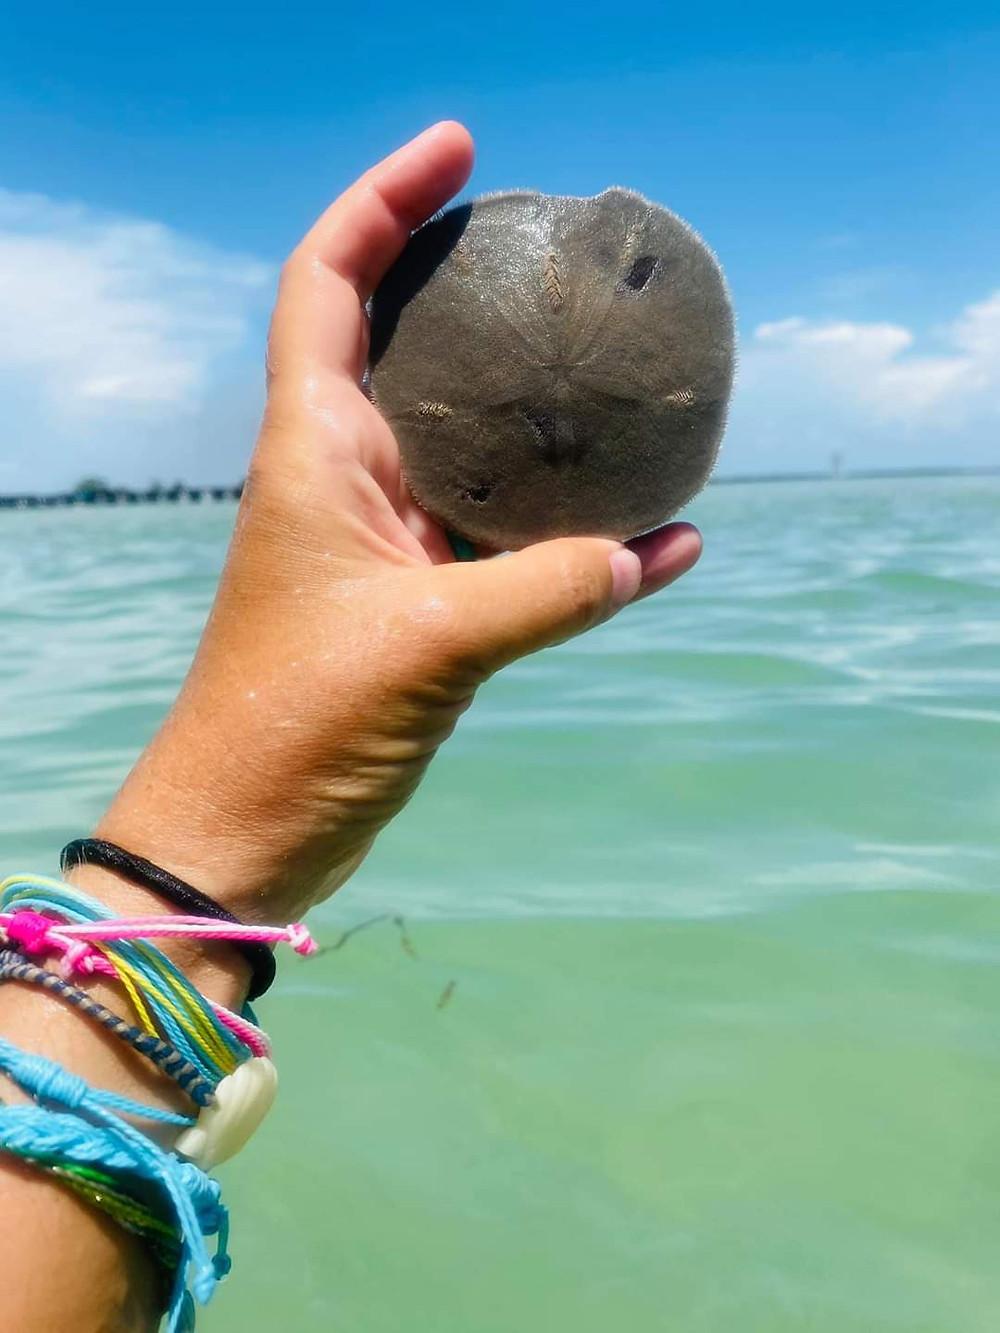 Sand Dollar (Clypeasteroida)